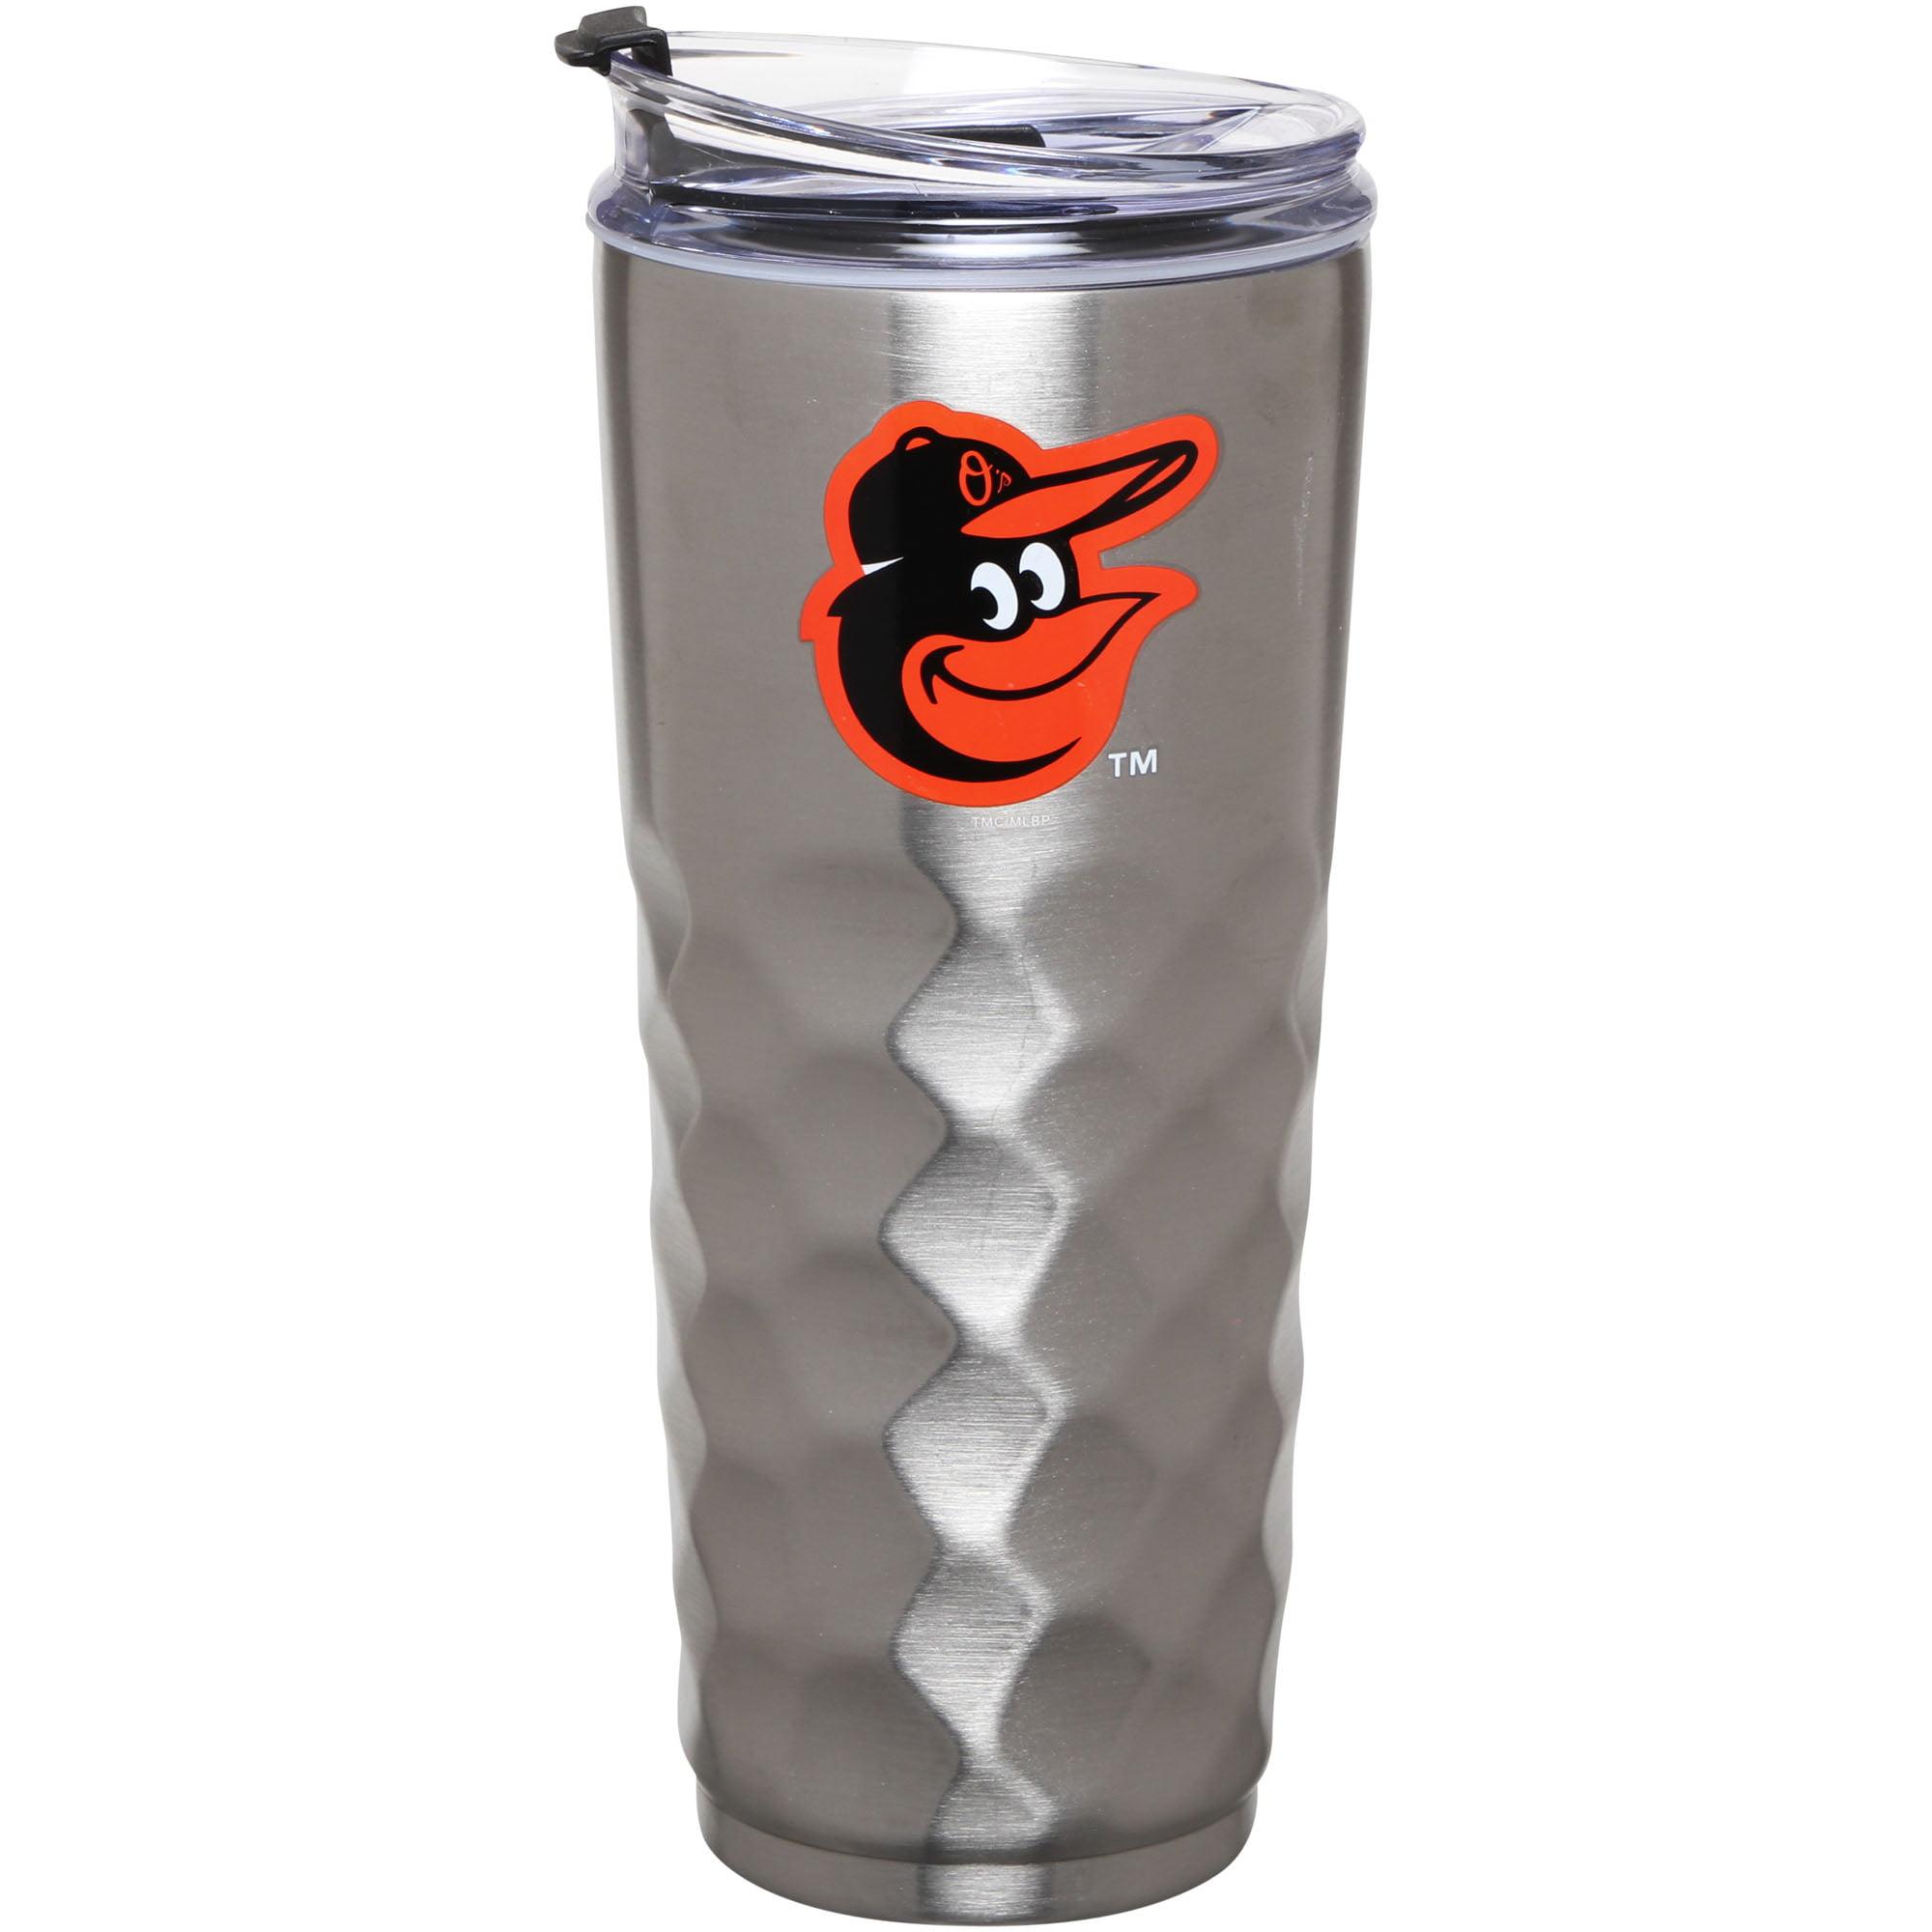 Baltimore Orioles 32oz. Stainless Steel Diamond Tumbler - No Size